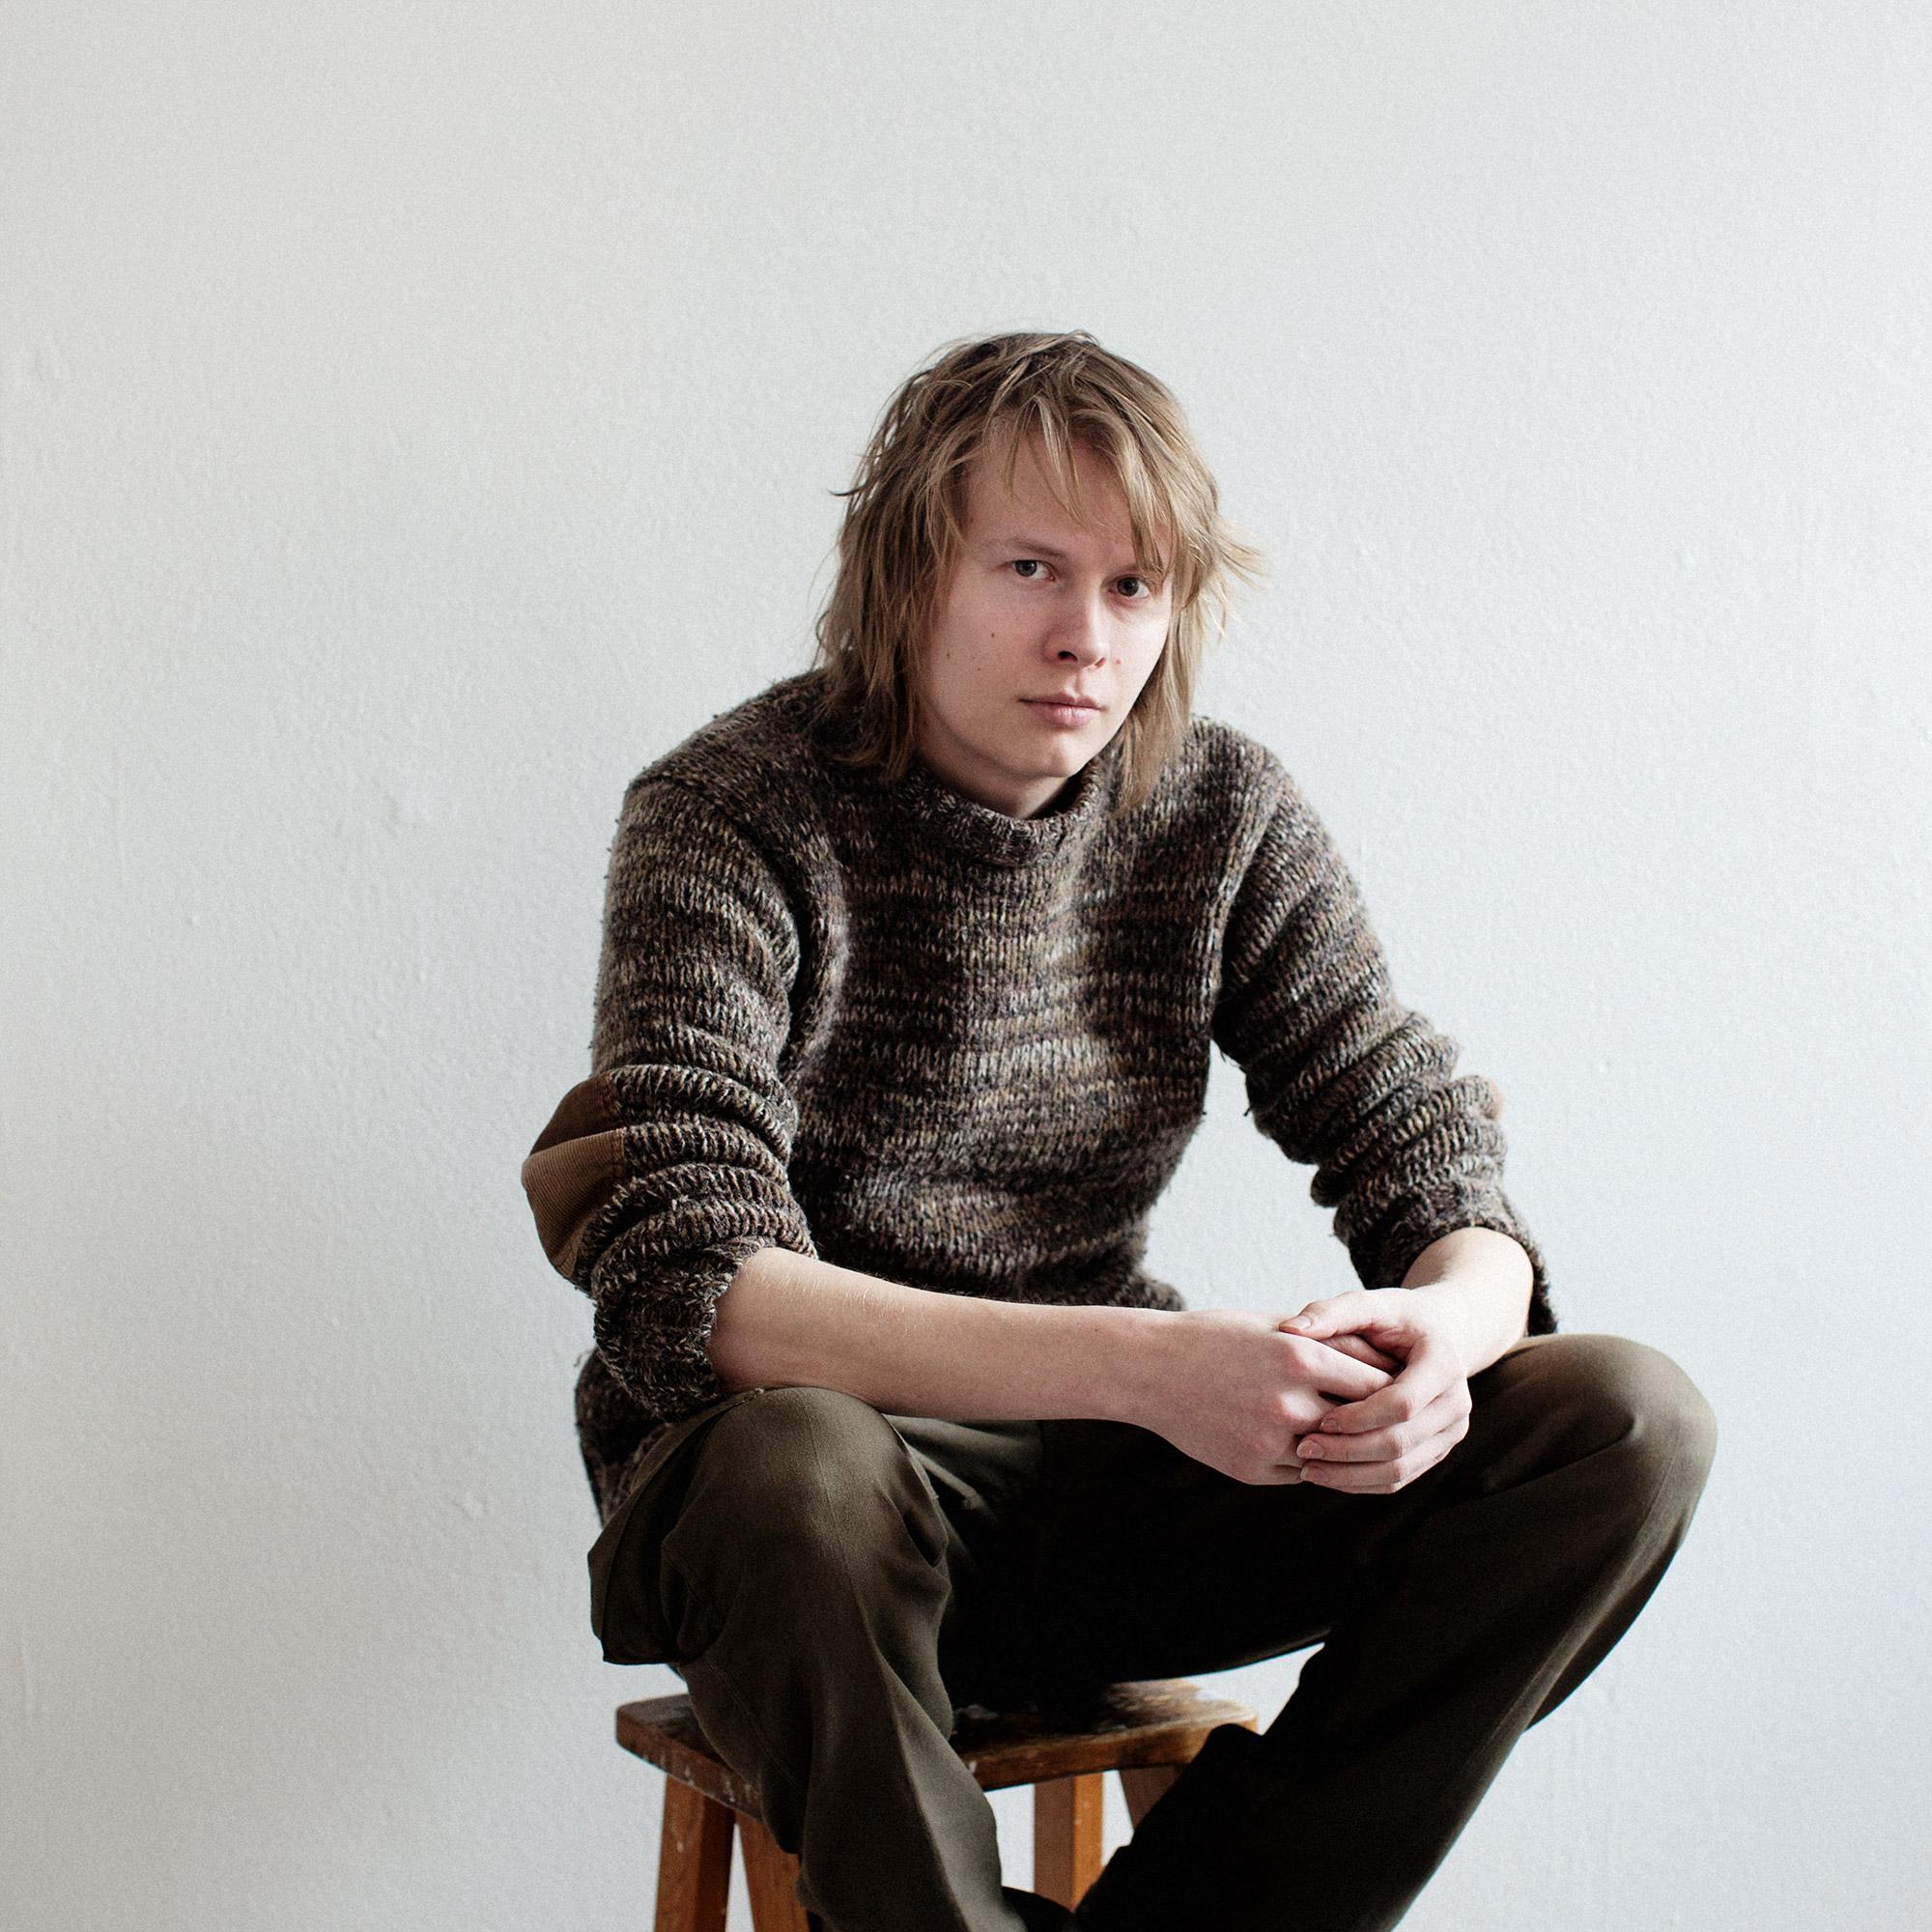 Henkilökuva, portrait of a man.